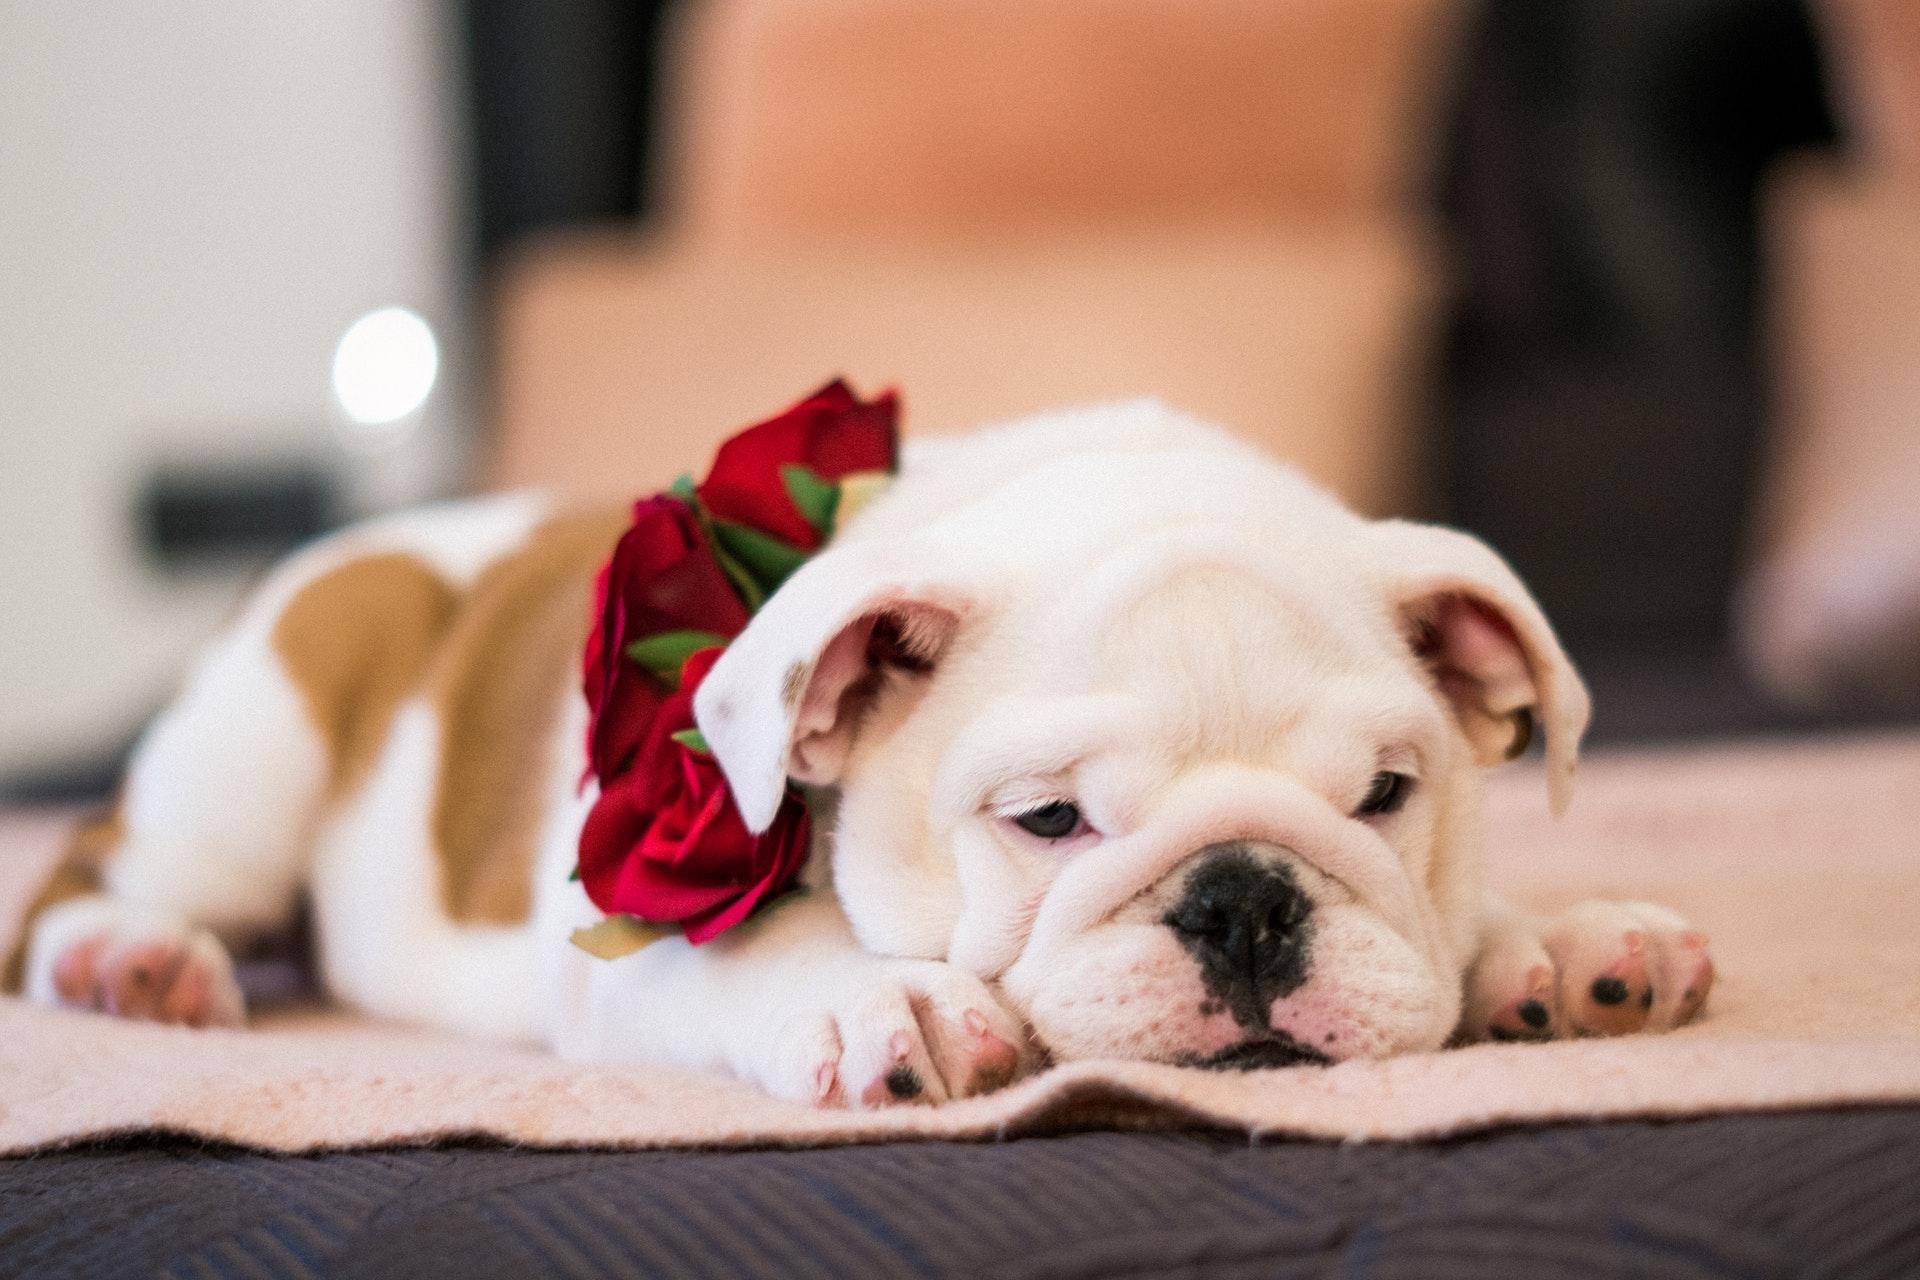 buldogue inglês branco e castanho deitado no chão com rosas vermelhas